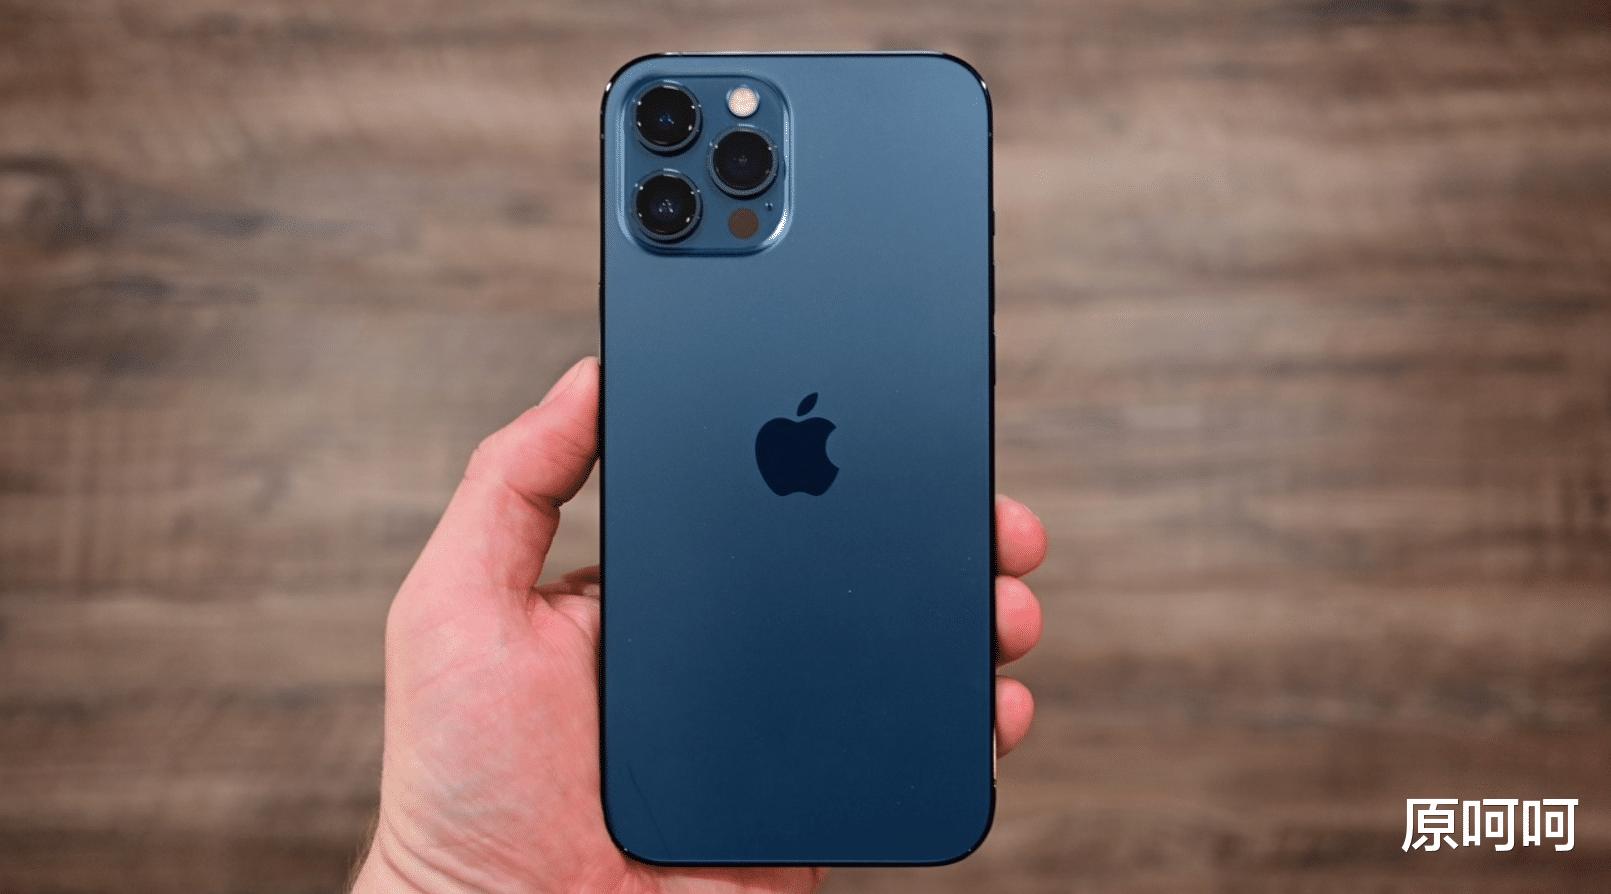 土豪首选最佳苹果手机:苹果iPhone12ProMax 好物资讯 第1张